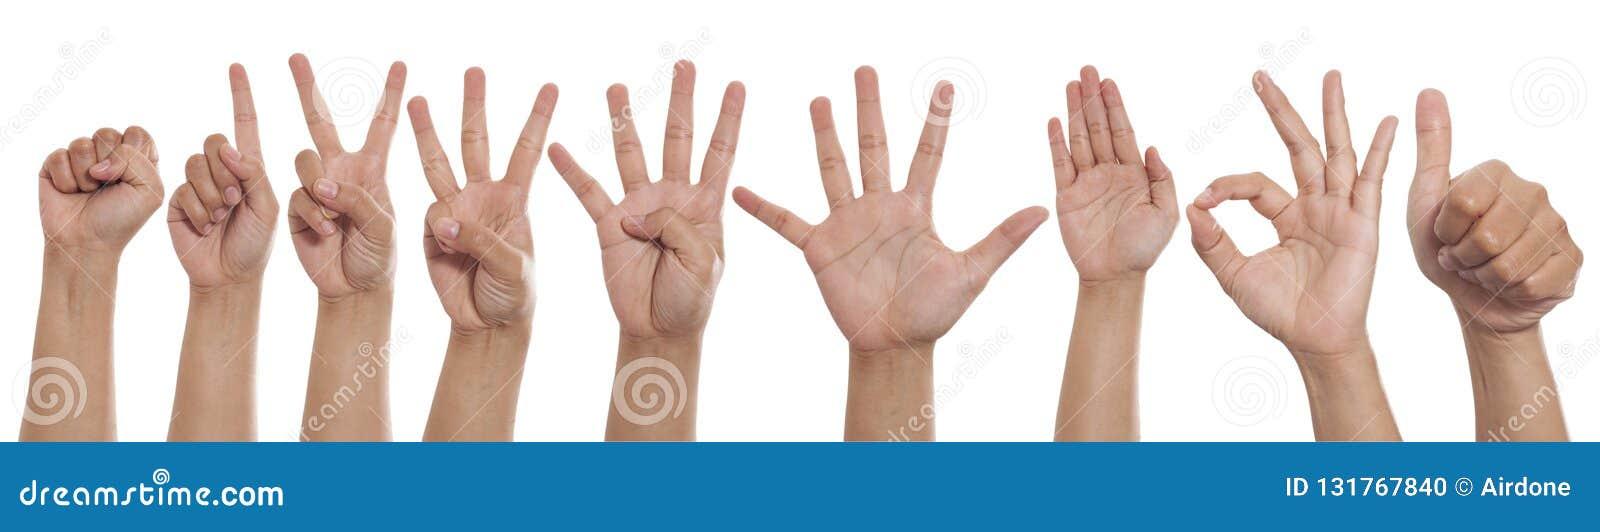 Collage von den Händen, die verschiedene Gesten, Zahlhandfinger-Zeichensatz zeigen